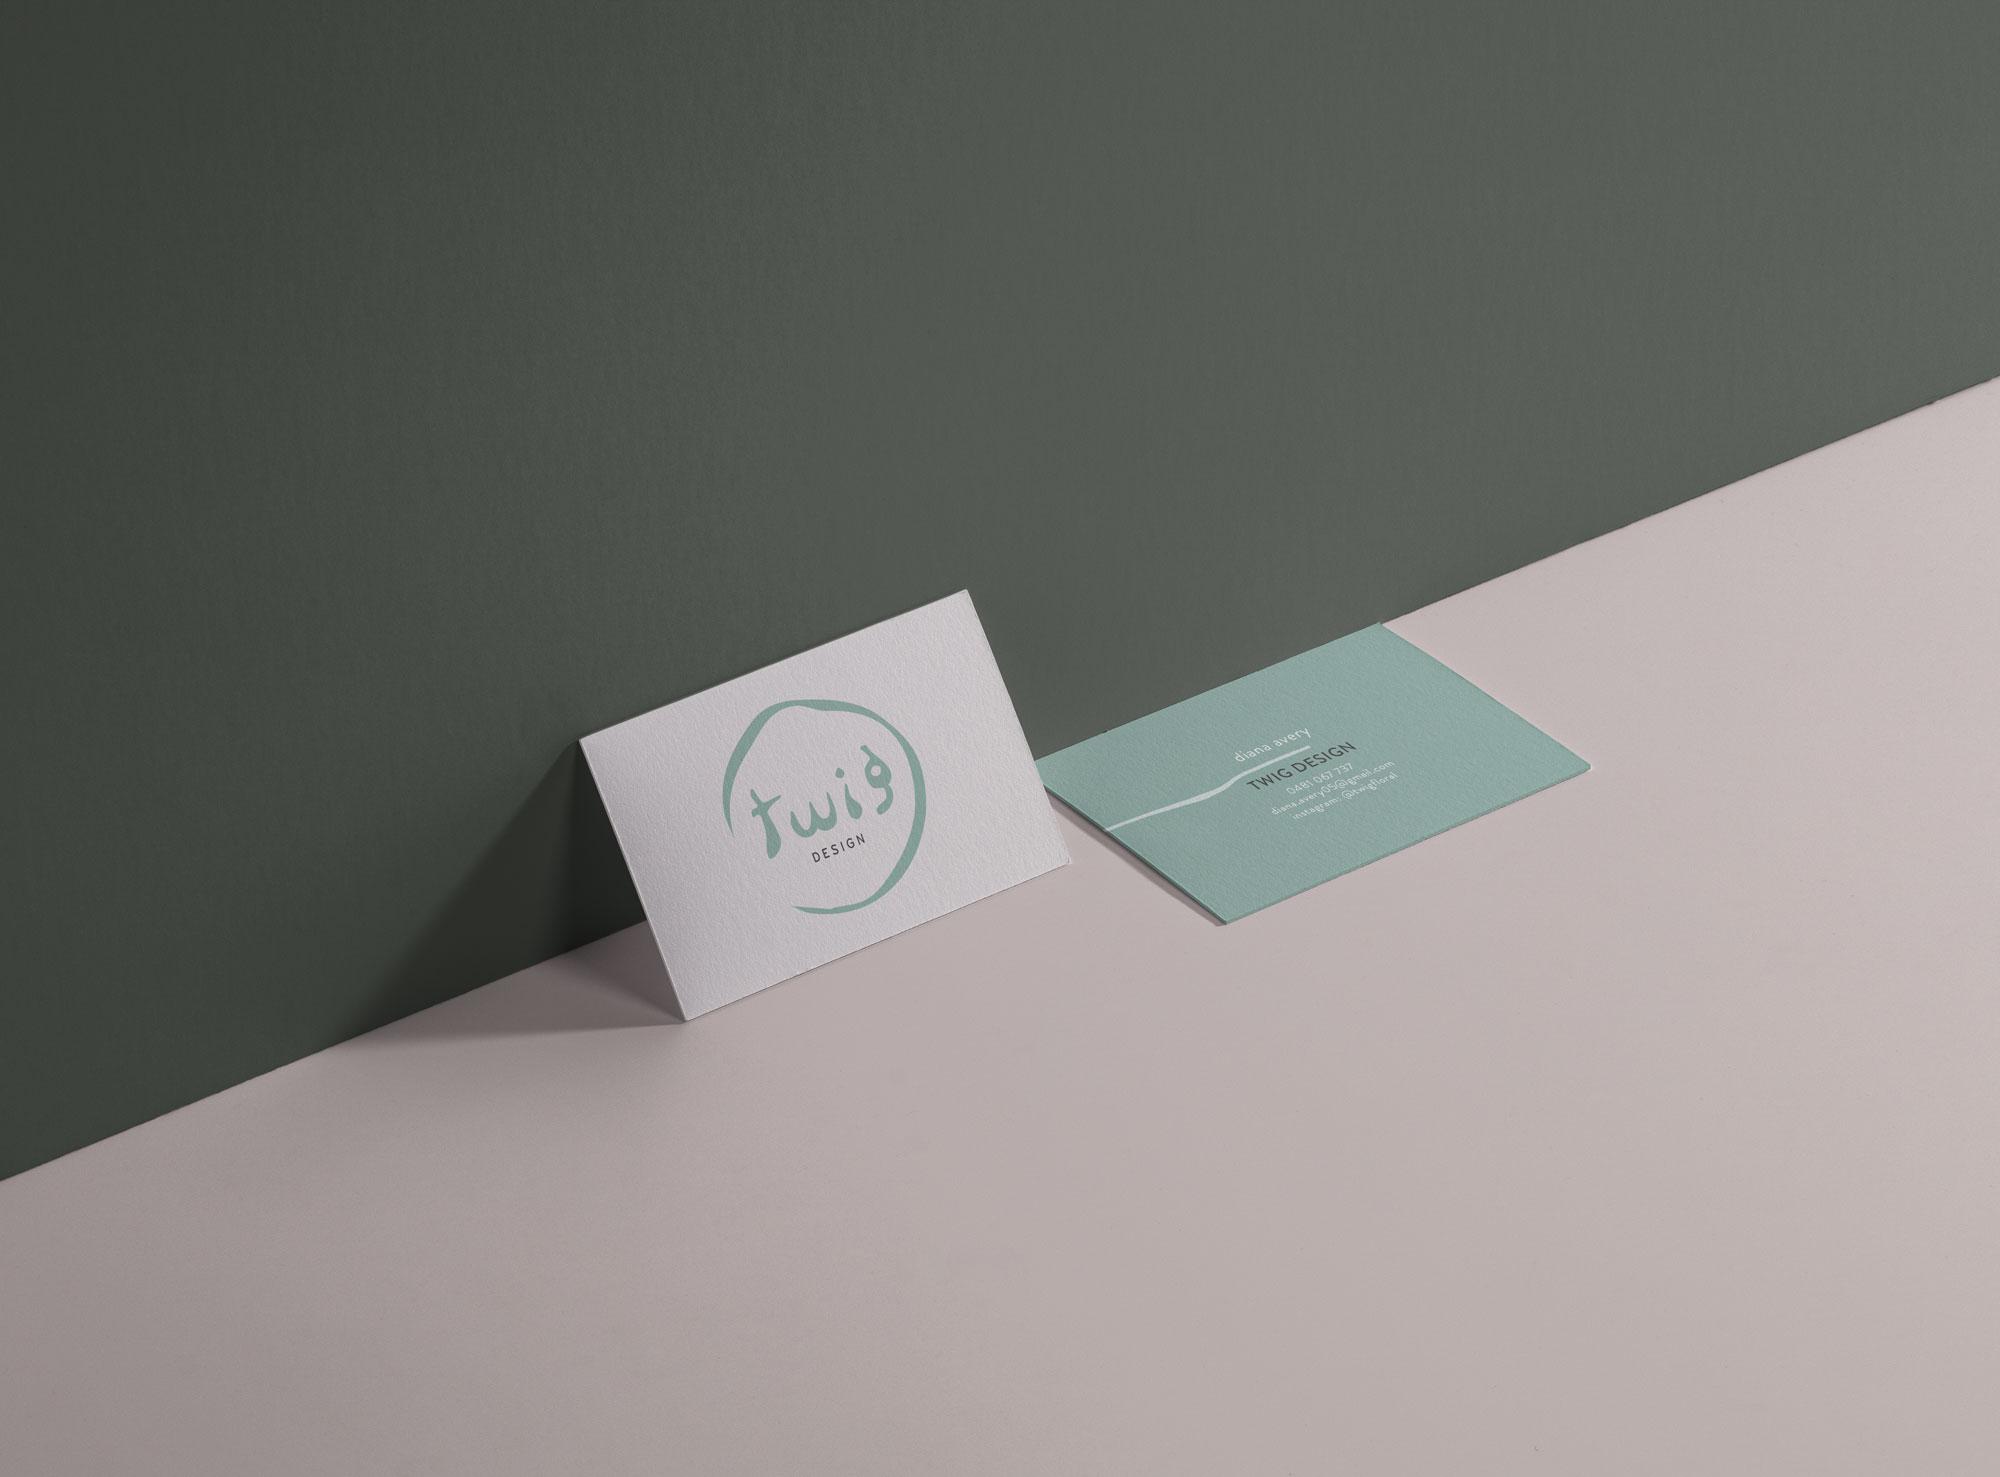 Business-Card-Branding-Mockup_TWIG.jpg